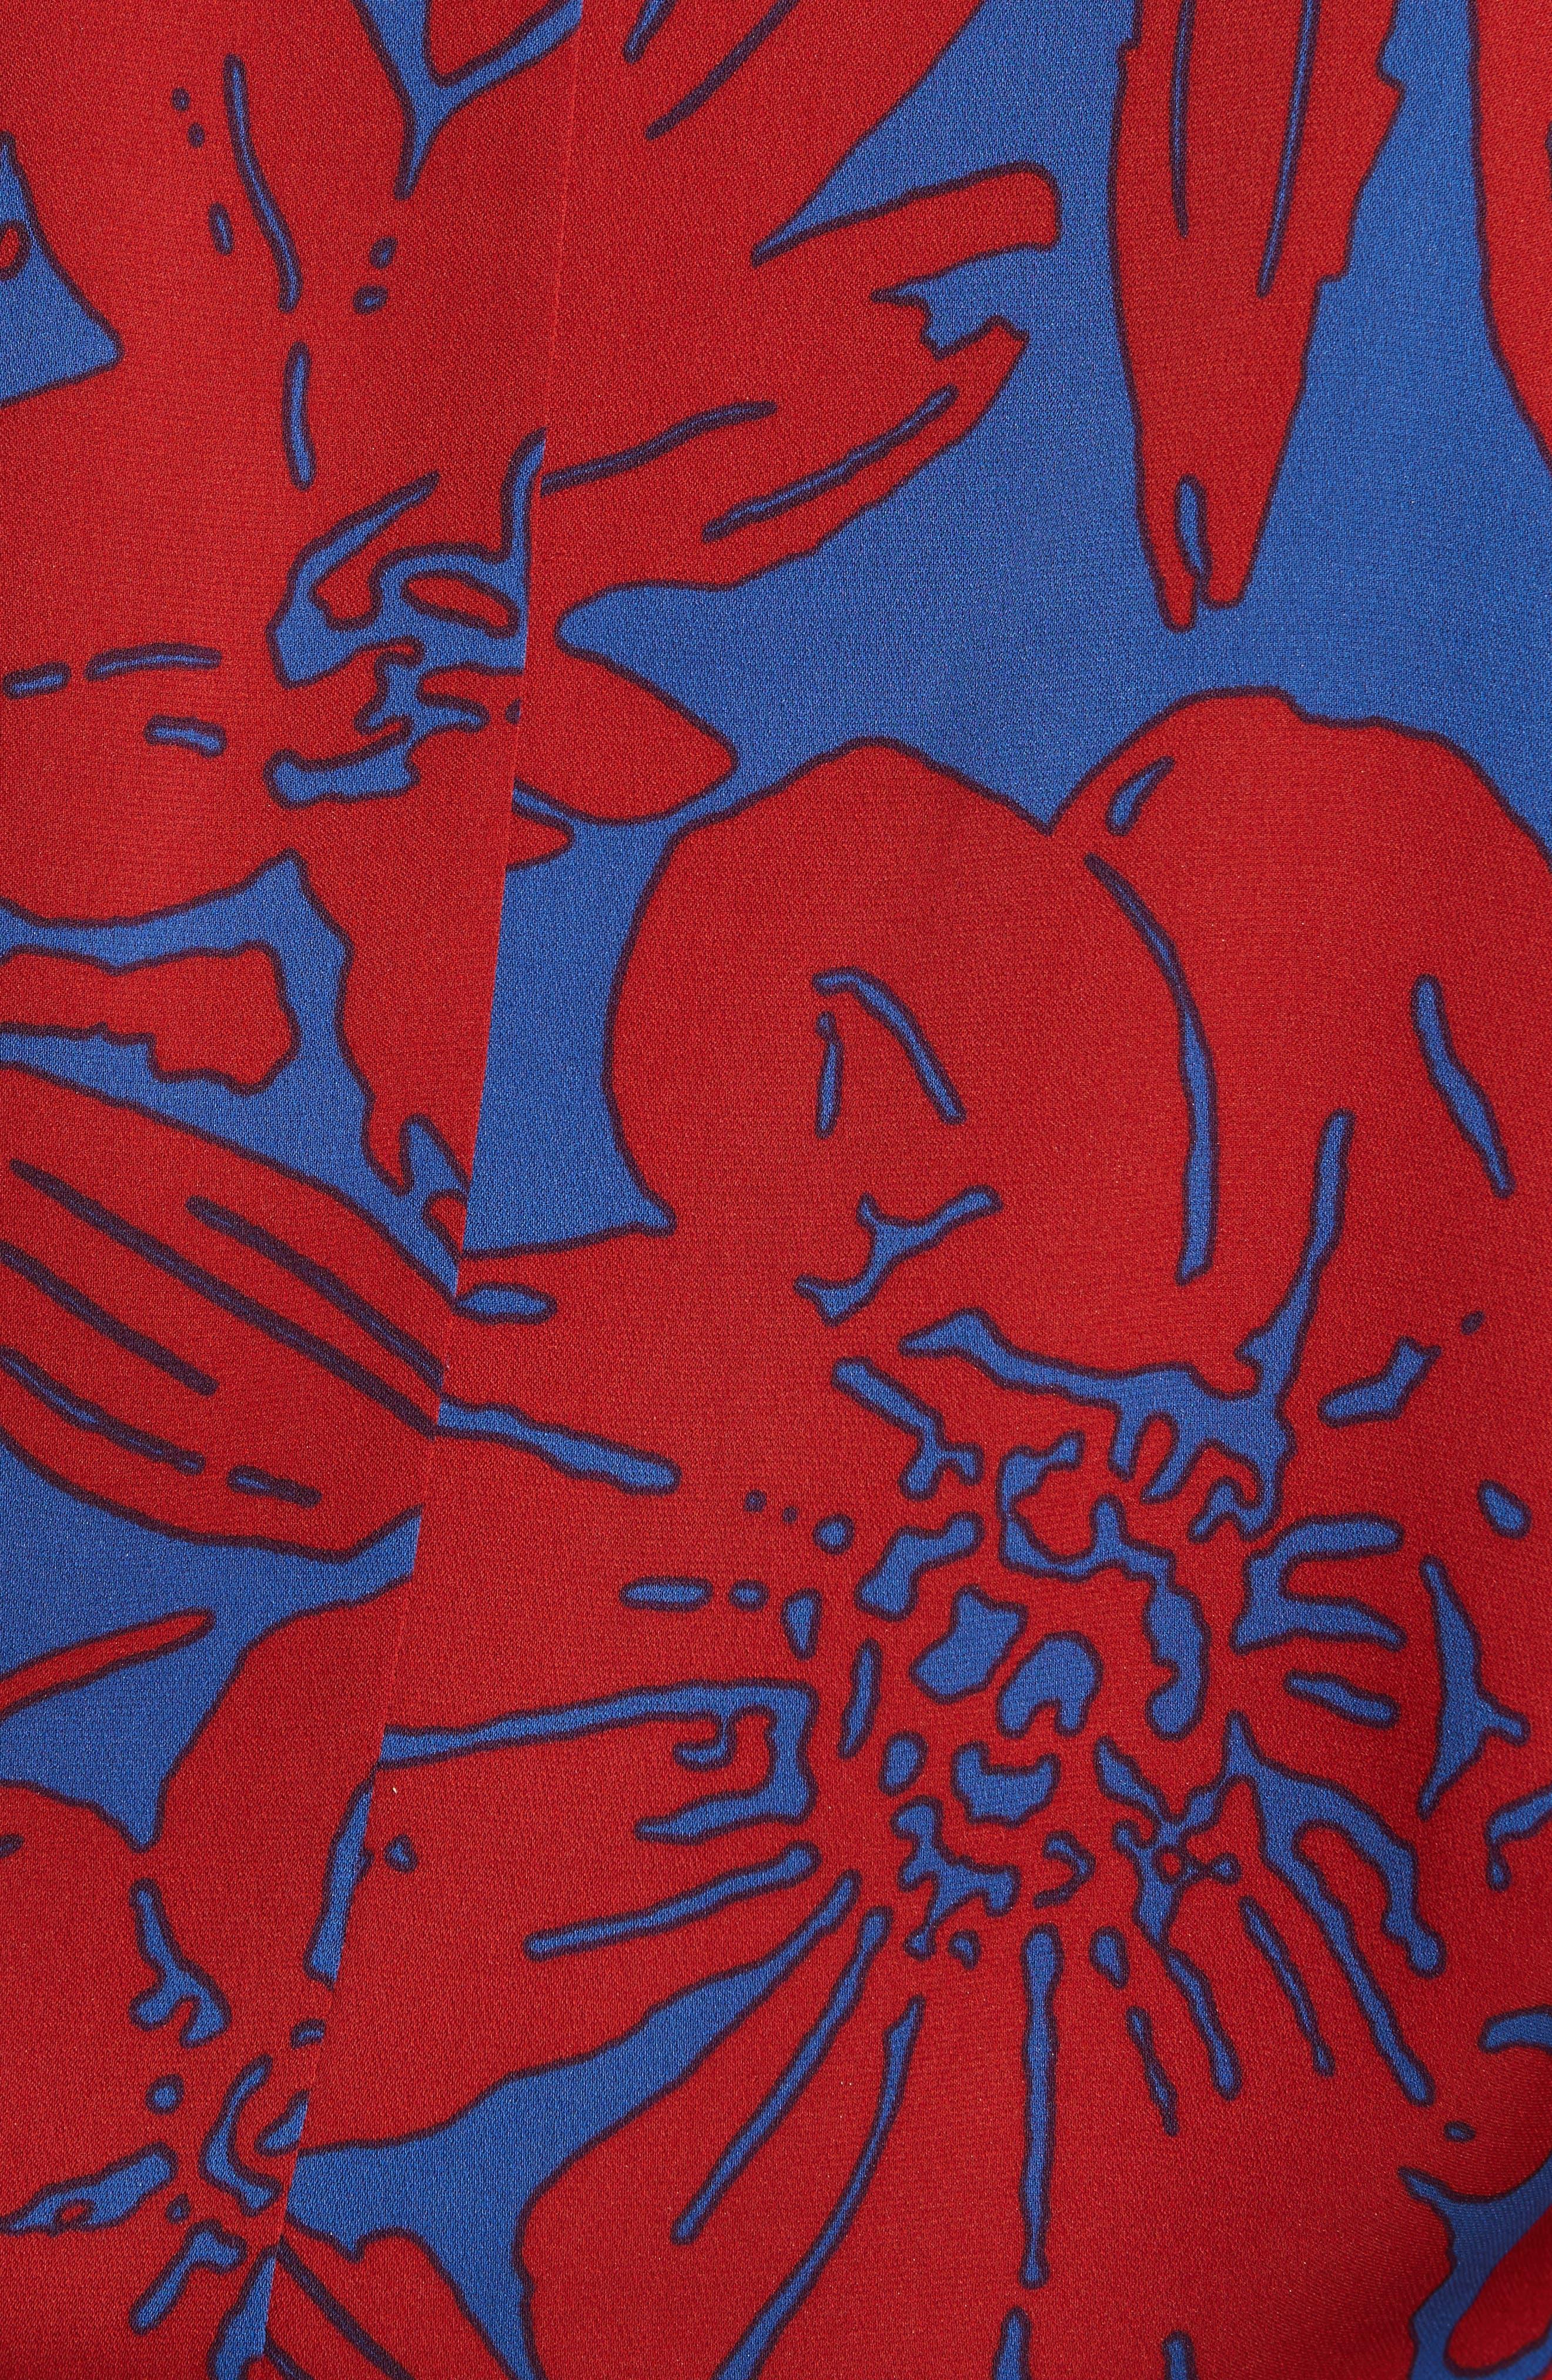 Floral Silk Wrap Blouse,                             Alternate thumbnail 5, color,                             Leclaire Rust